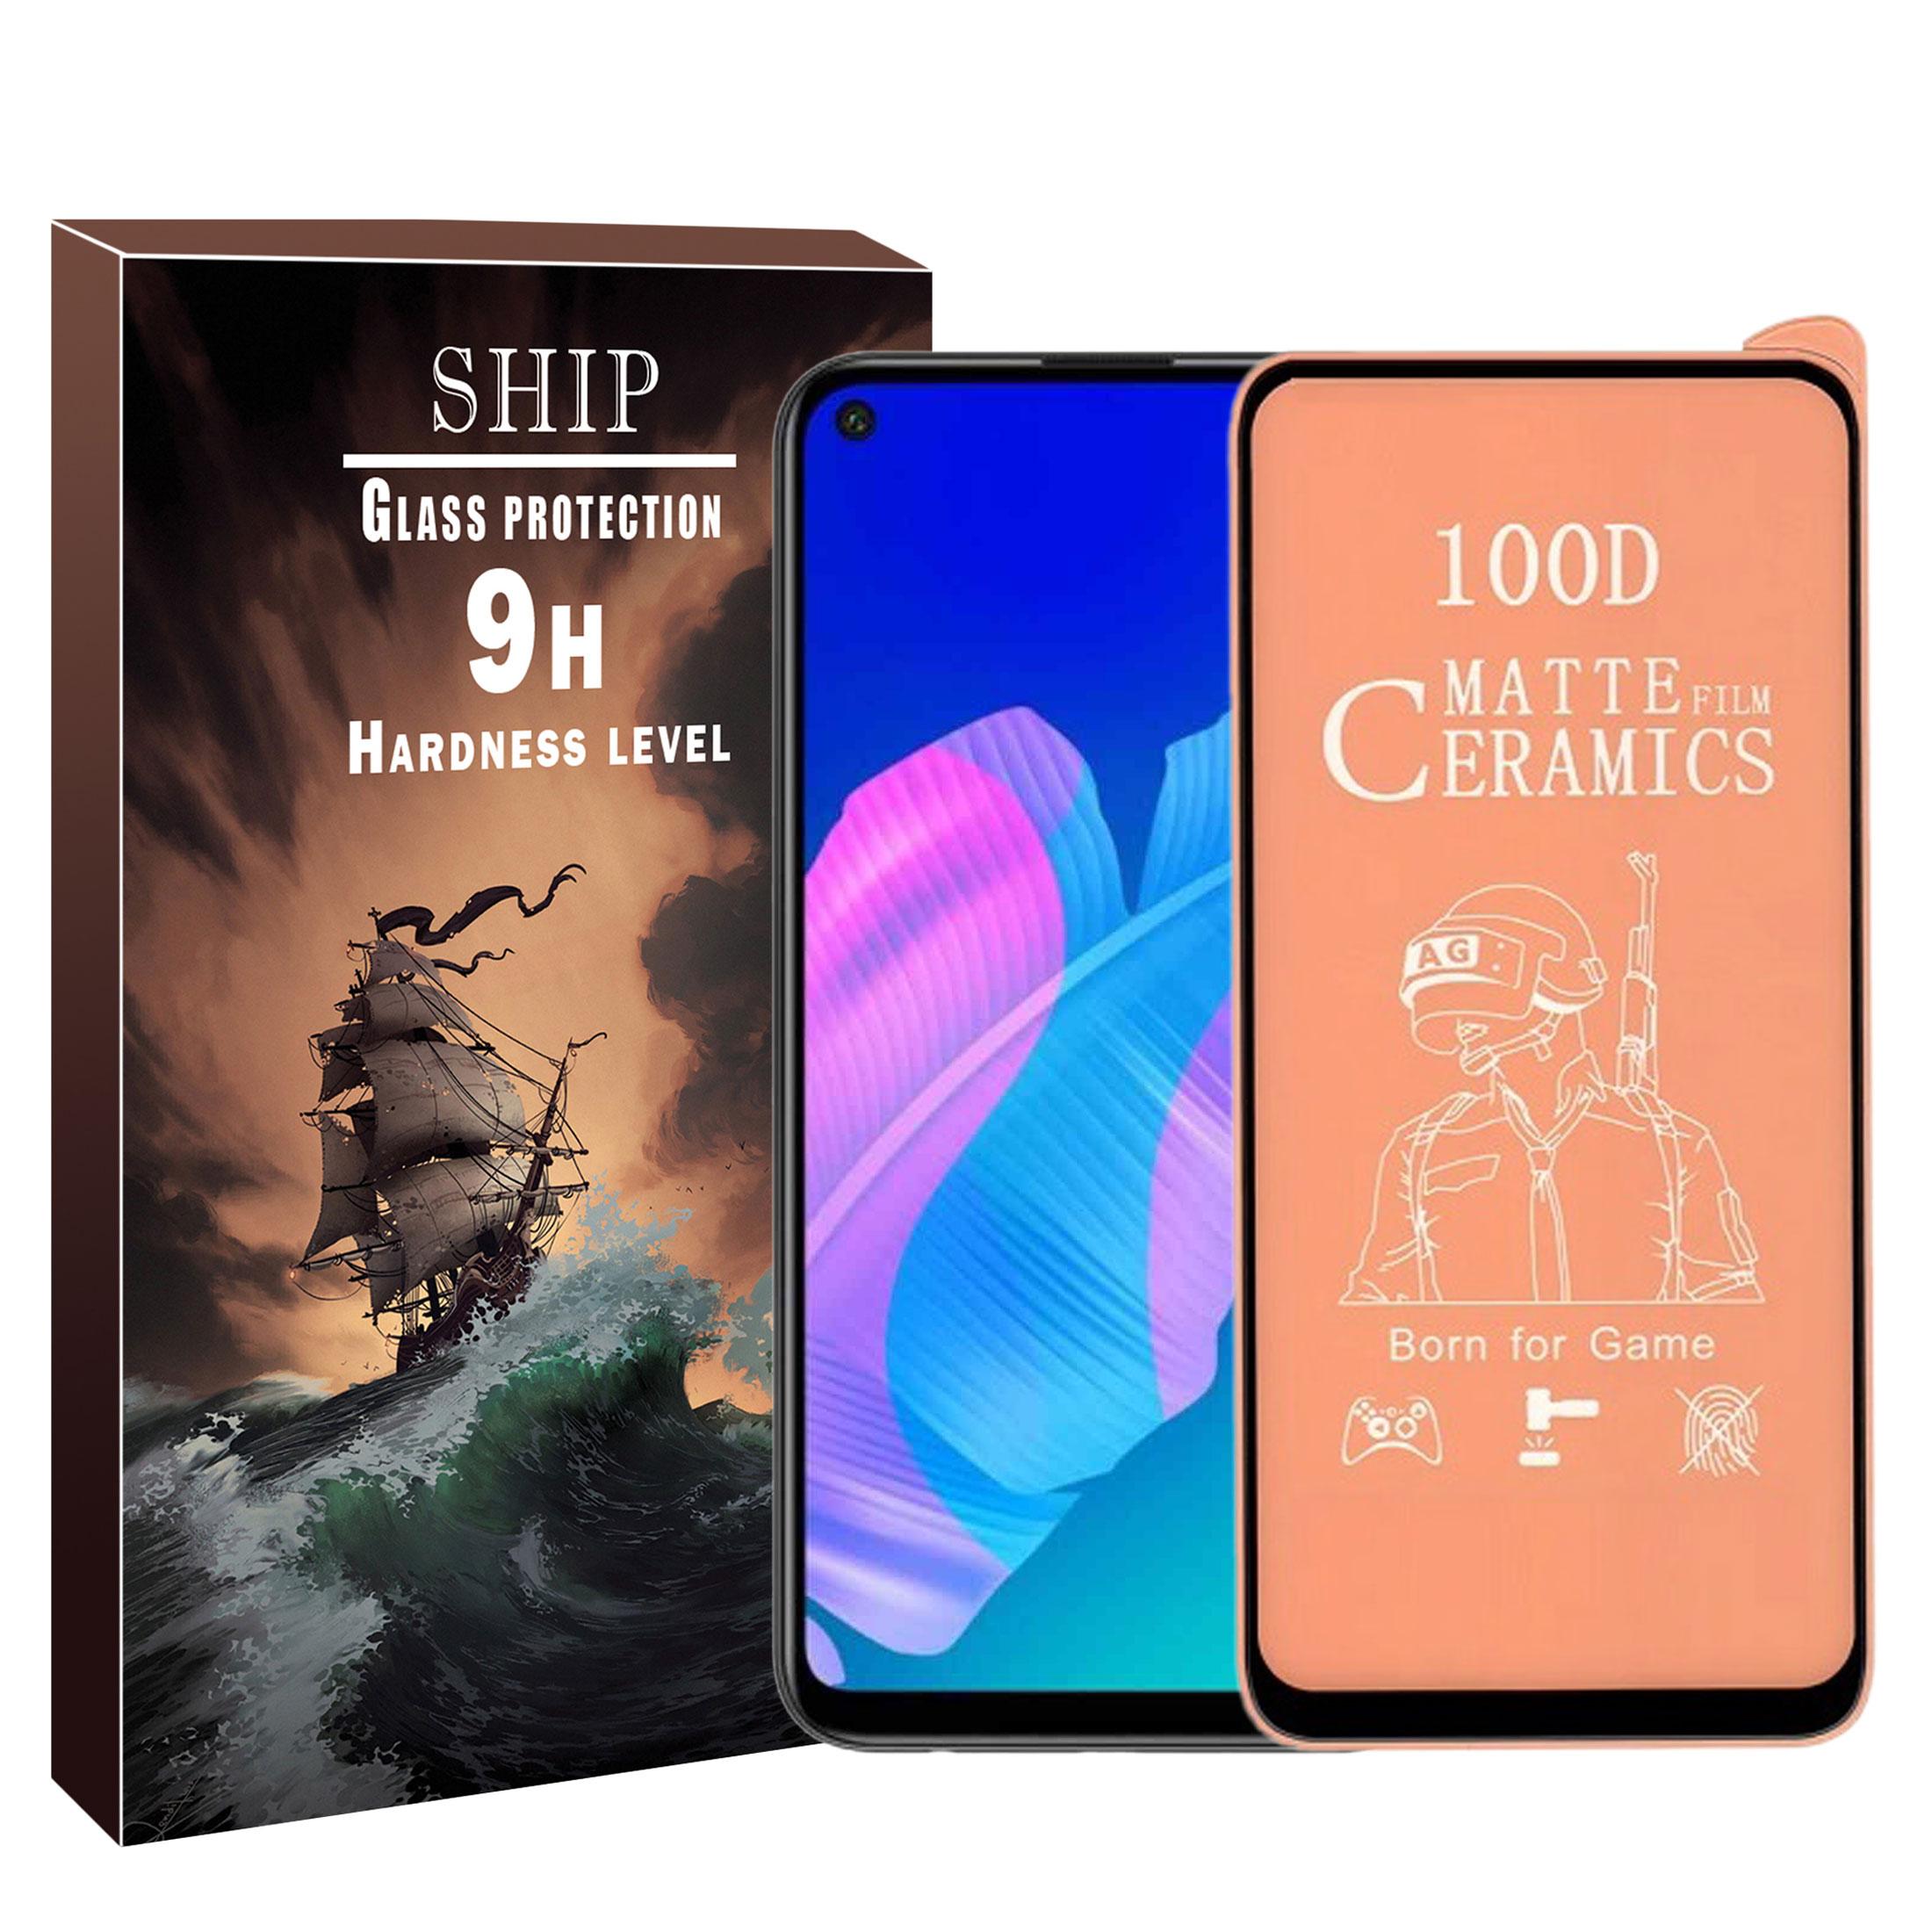 بررسی و {خرید با تخفیف} محافظ صفحه نمایش مات شیپ مدل SHcrm-01 مناسب برای گوشی موبایل هوآوی Y7P اصل